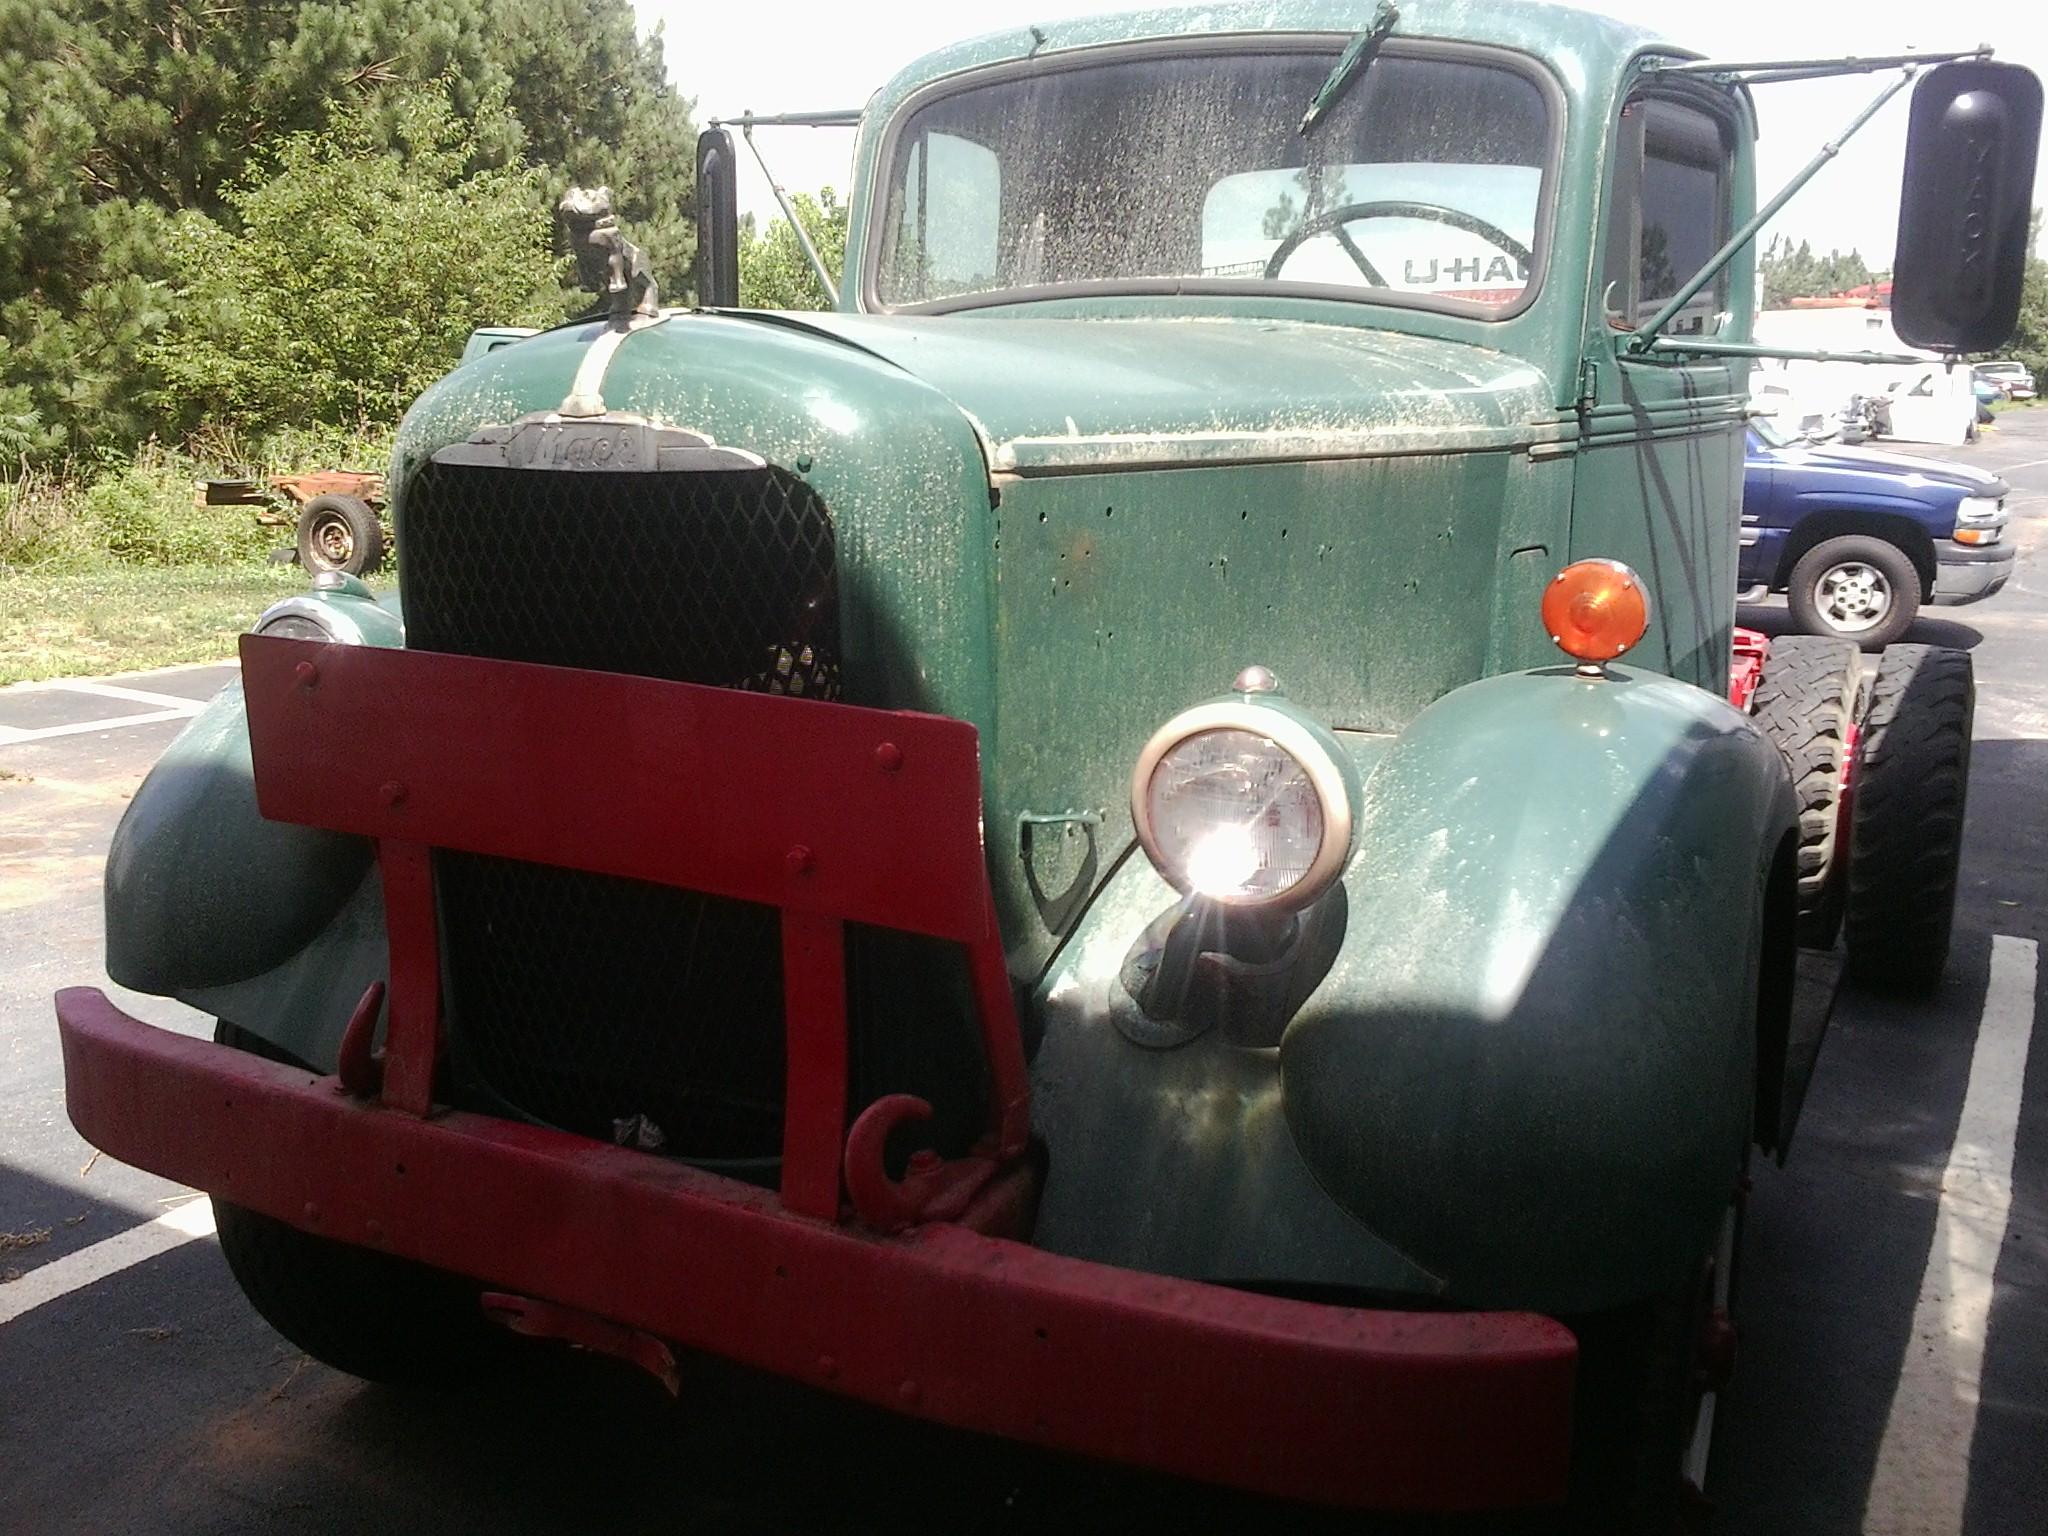 Mack for Sale - Hemmings Motor News